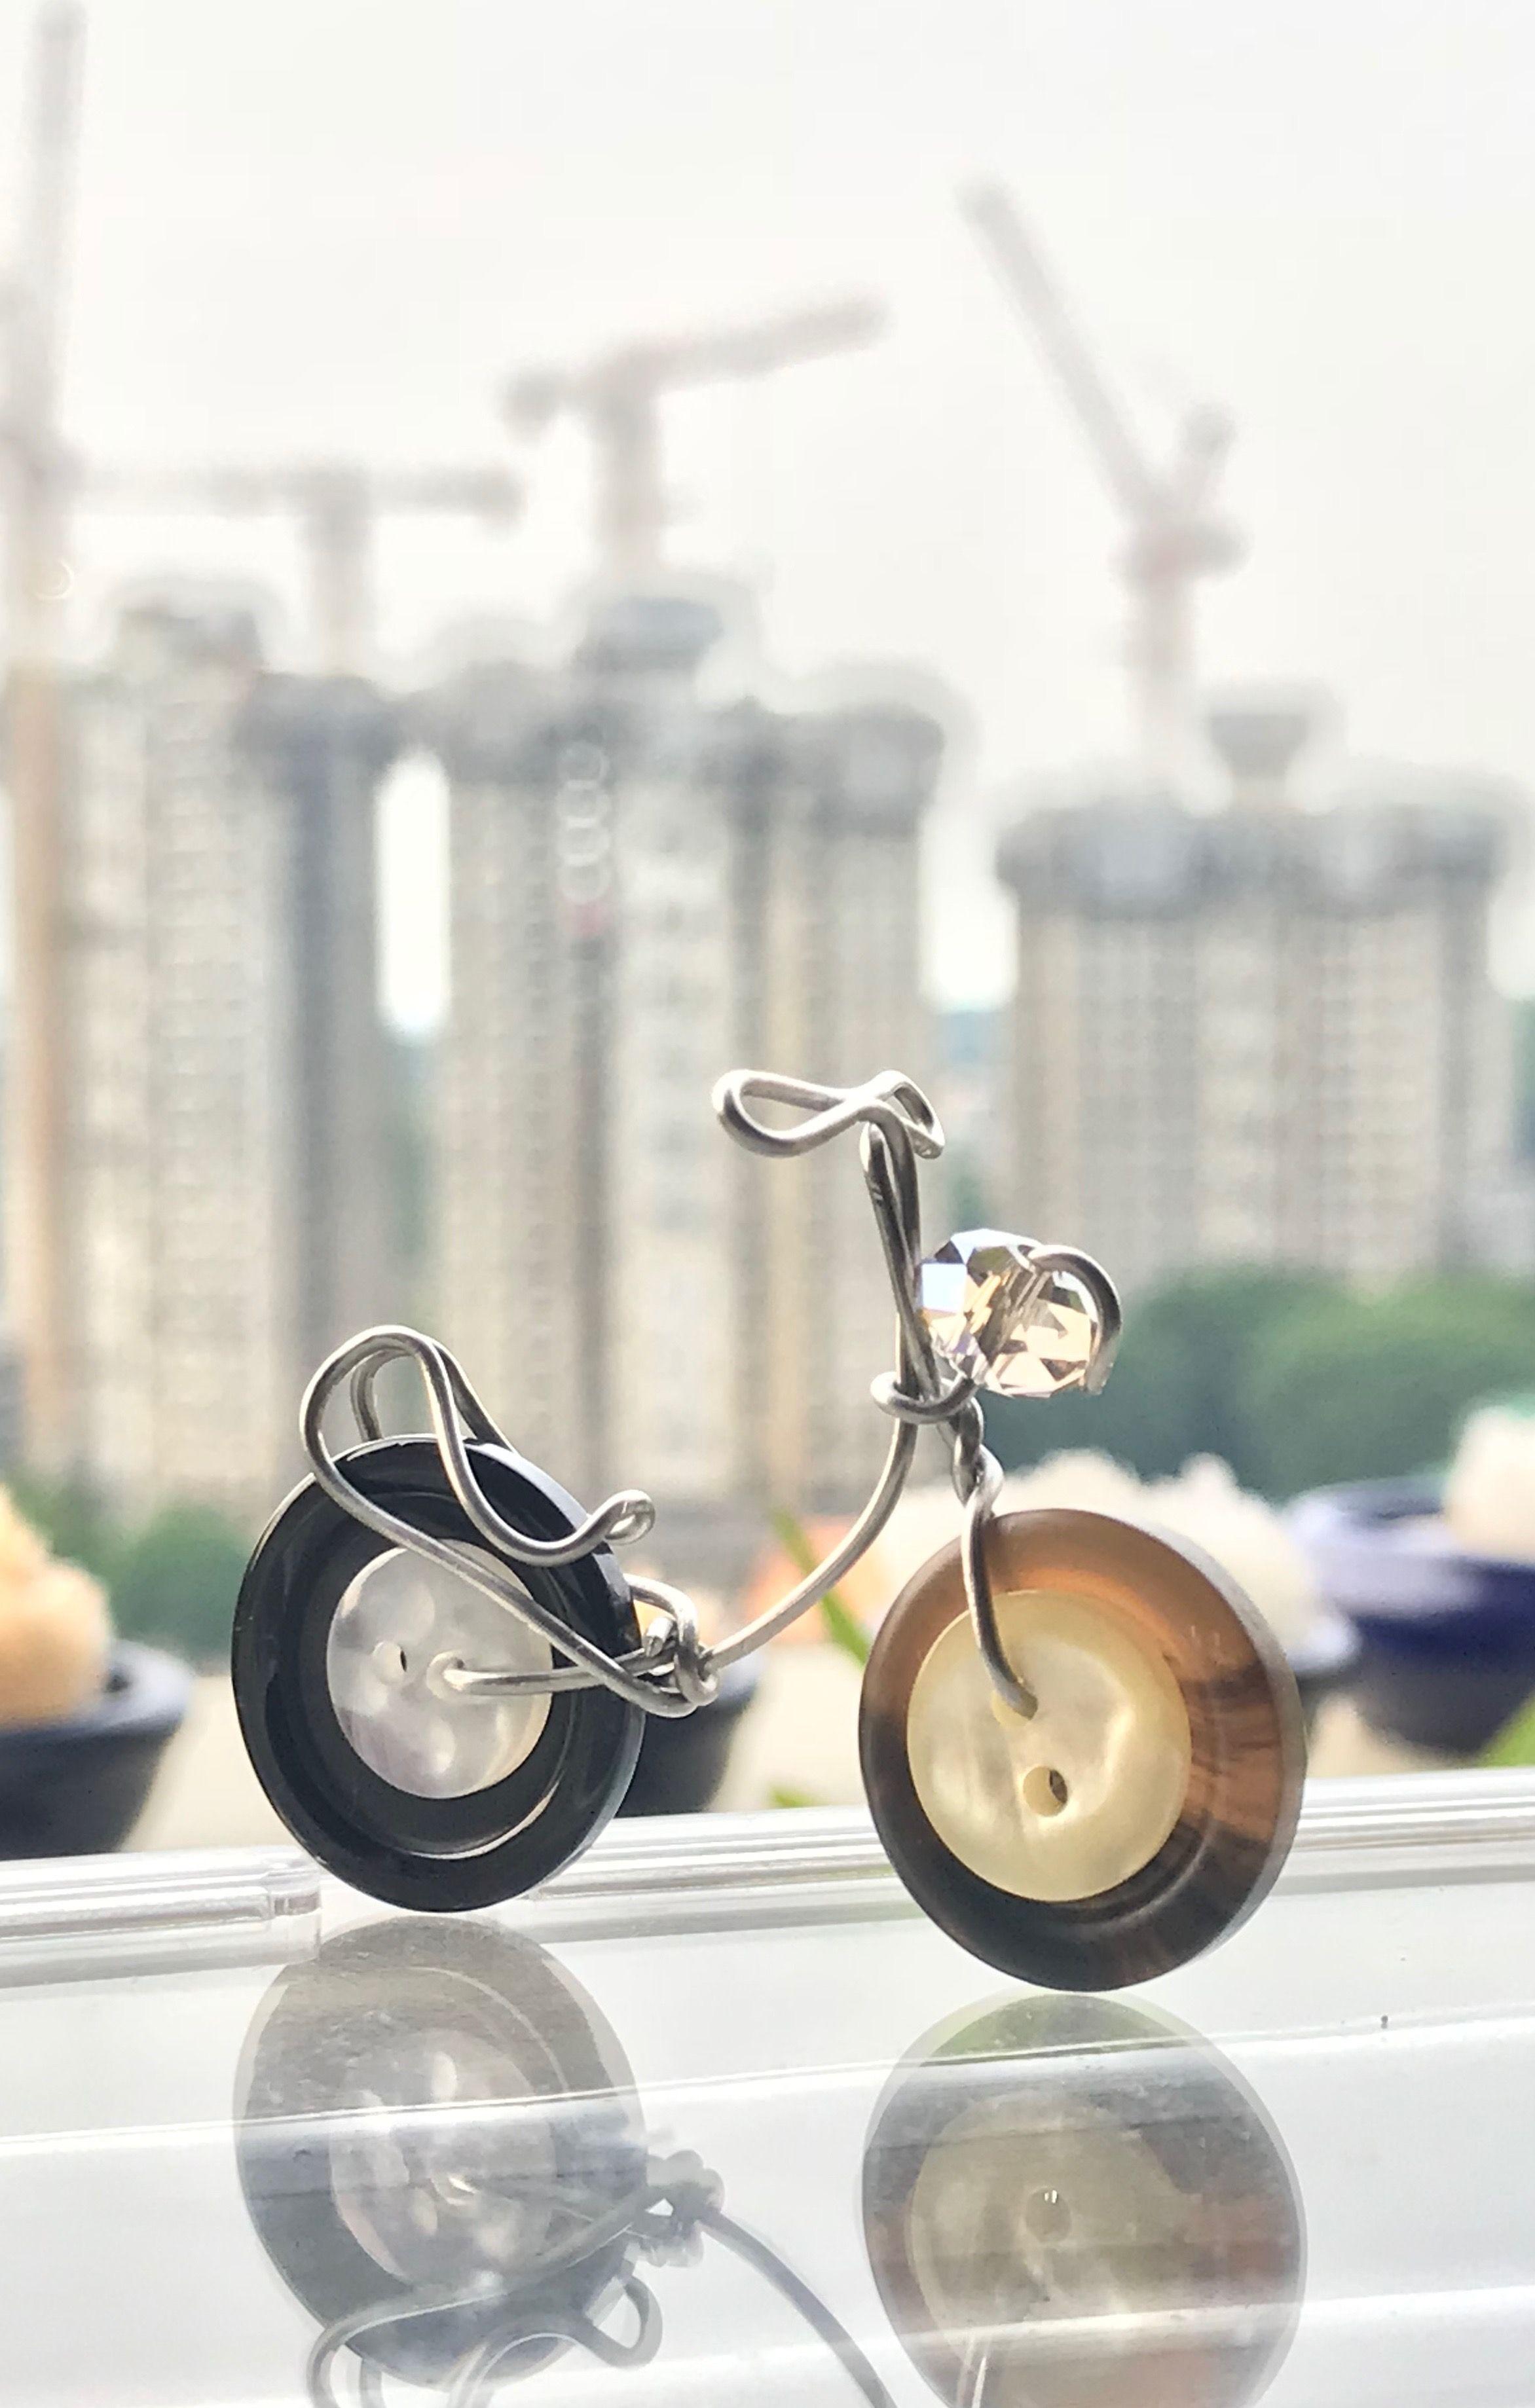 Button Bike Azumanushiki 20180915 183736 Bike Bicycle